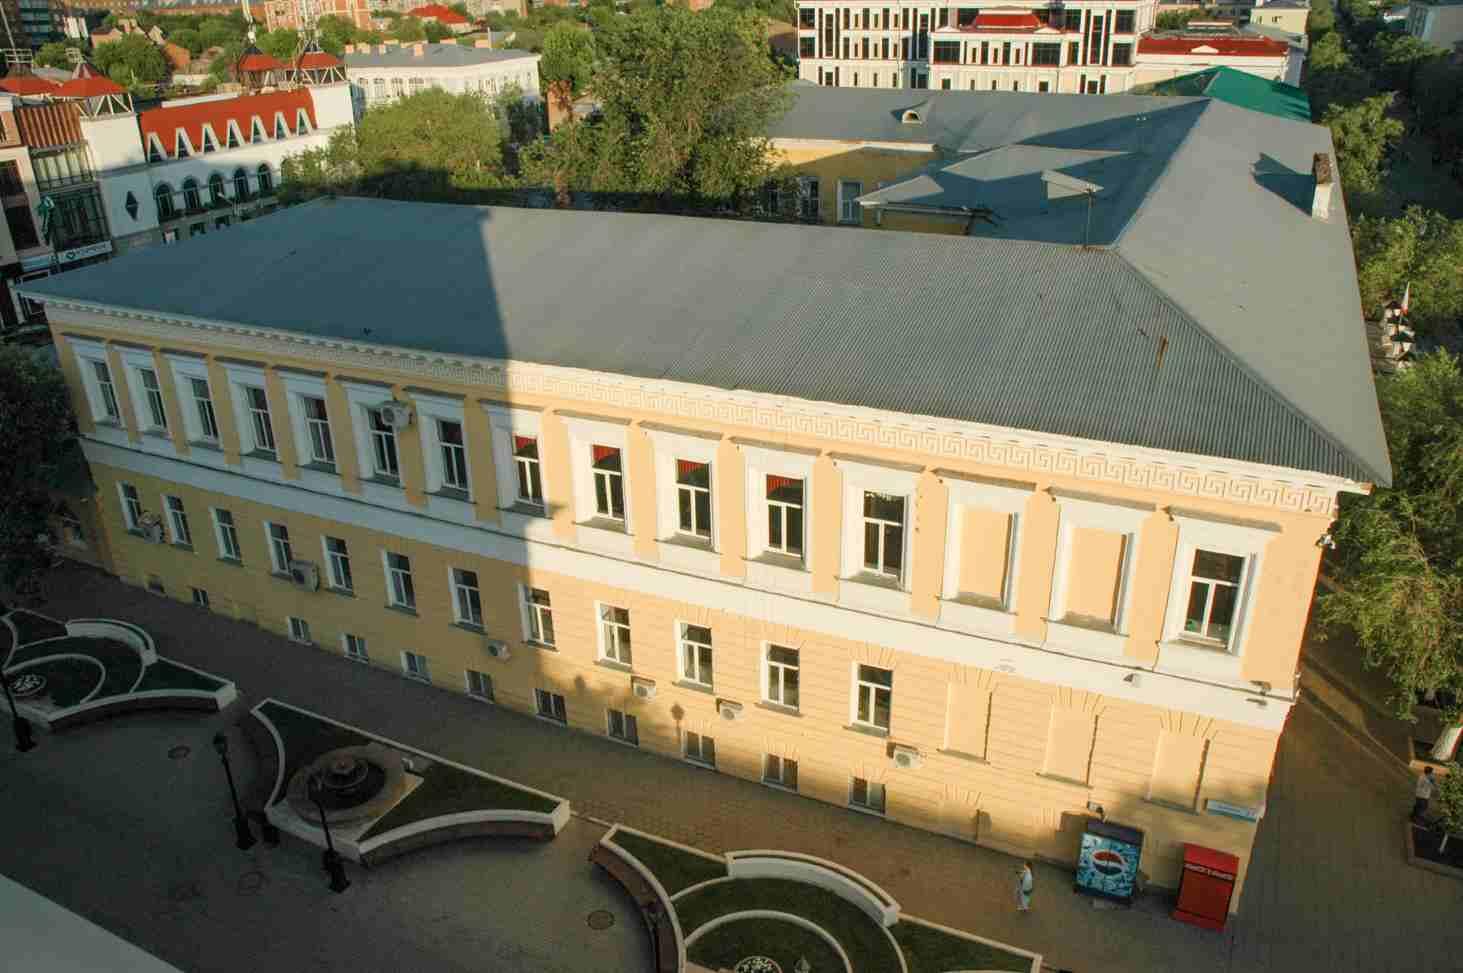 minprosveshheniya-za-poslednij-god-obrazovatelnyh-organizatsij-v-rossii-stalo-menshe